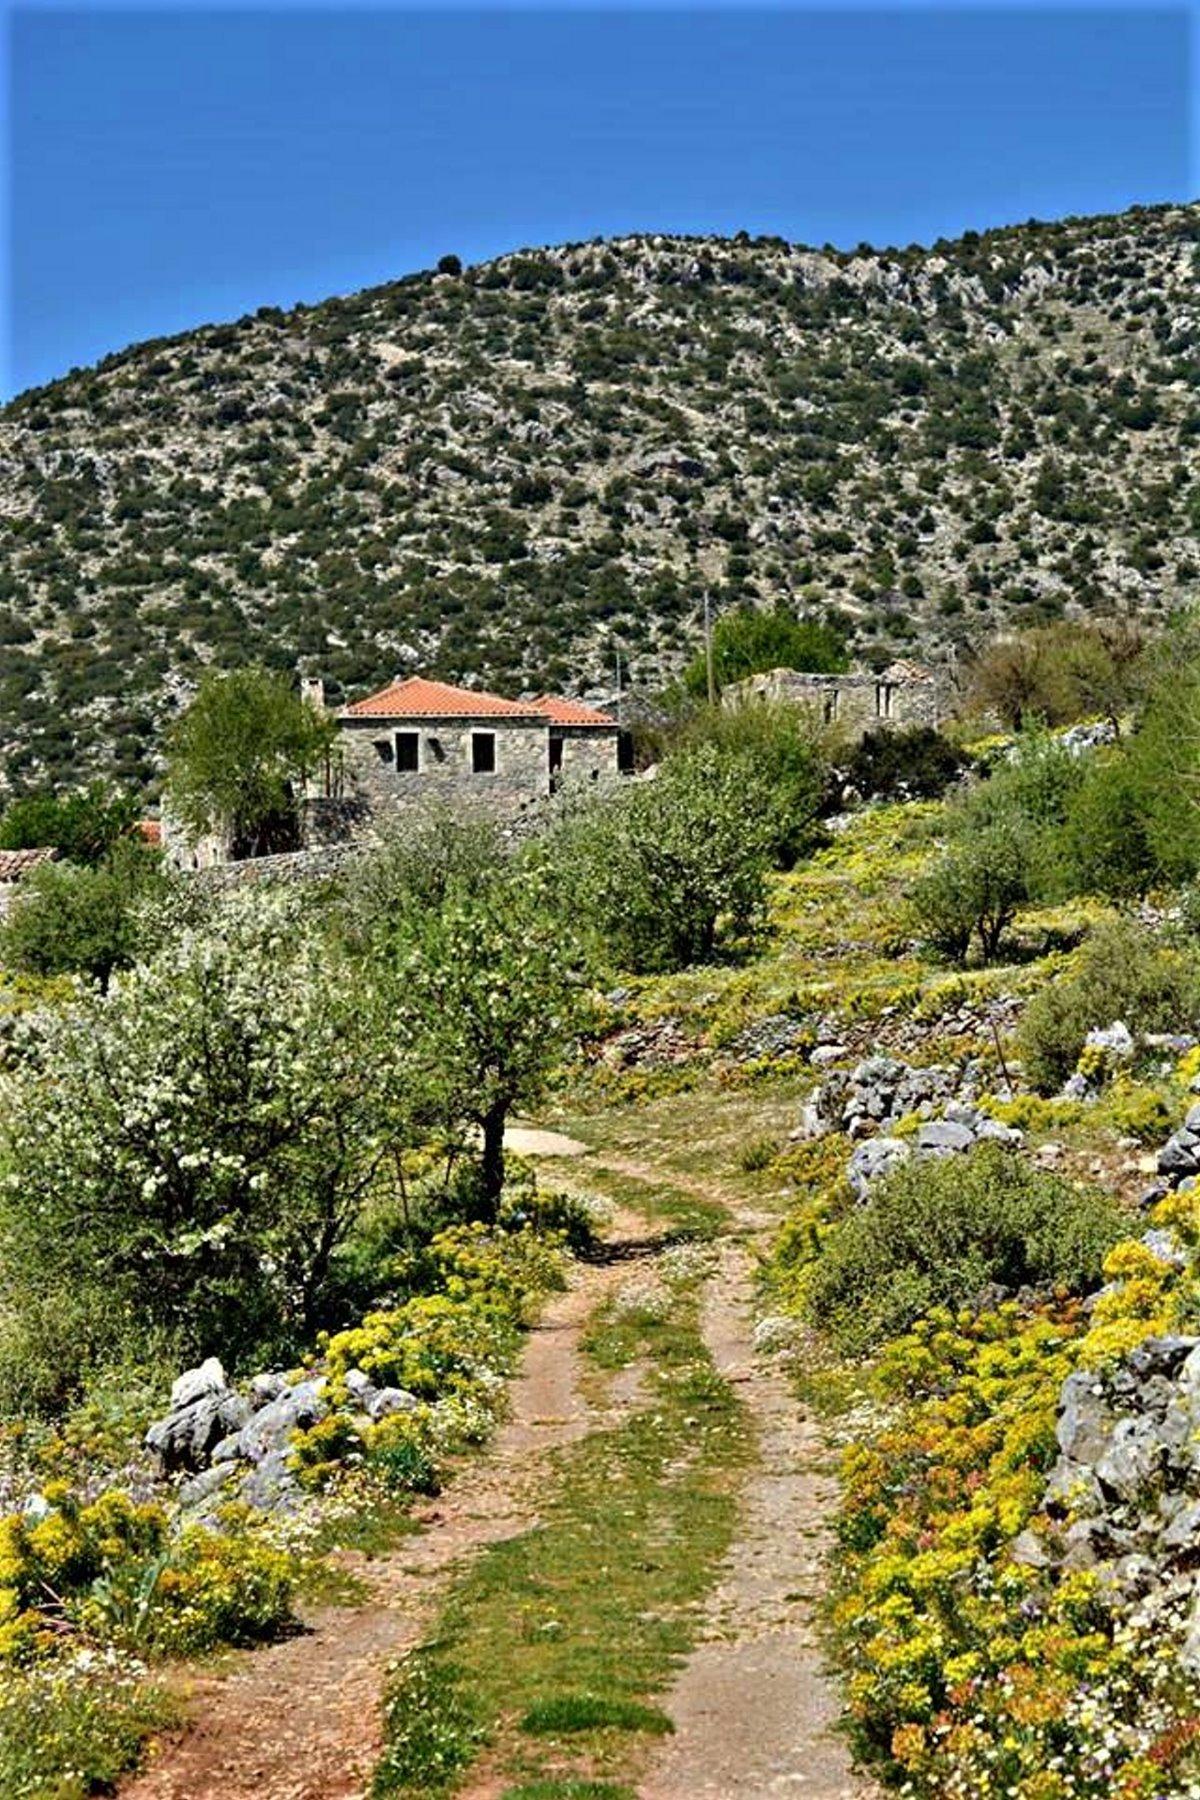 Σπίτια στα Αλτομιρά Μεσσηνίας